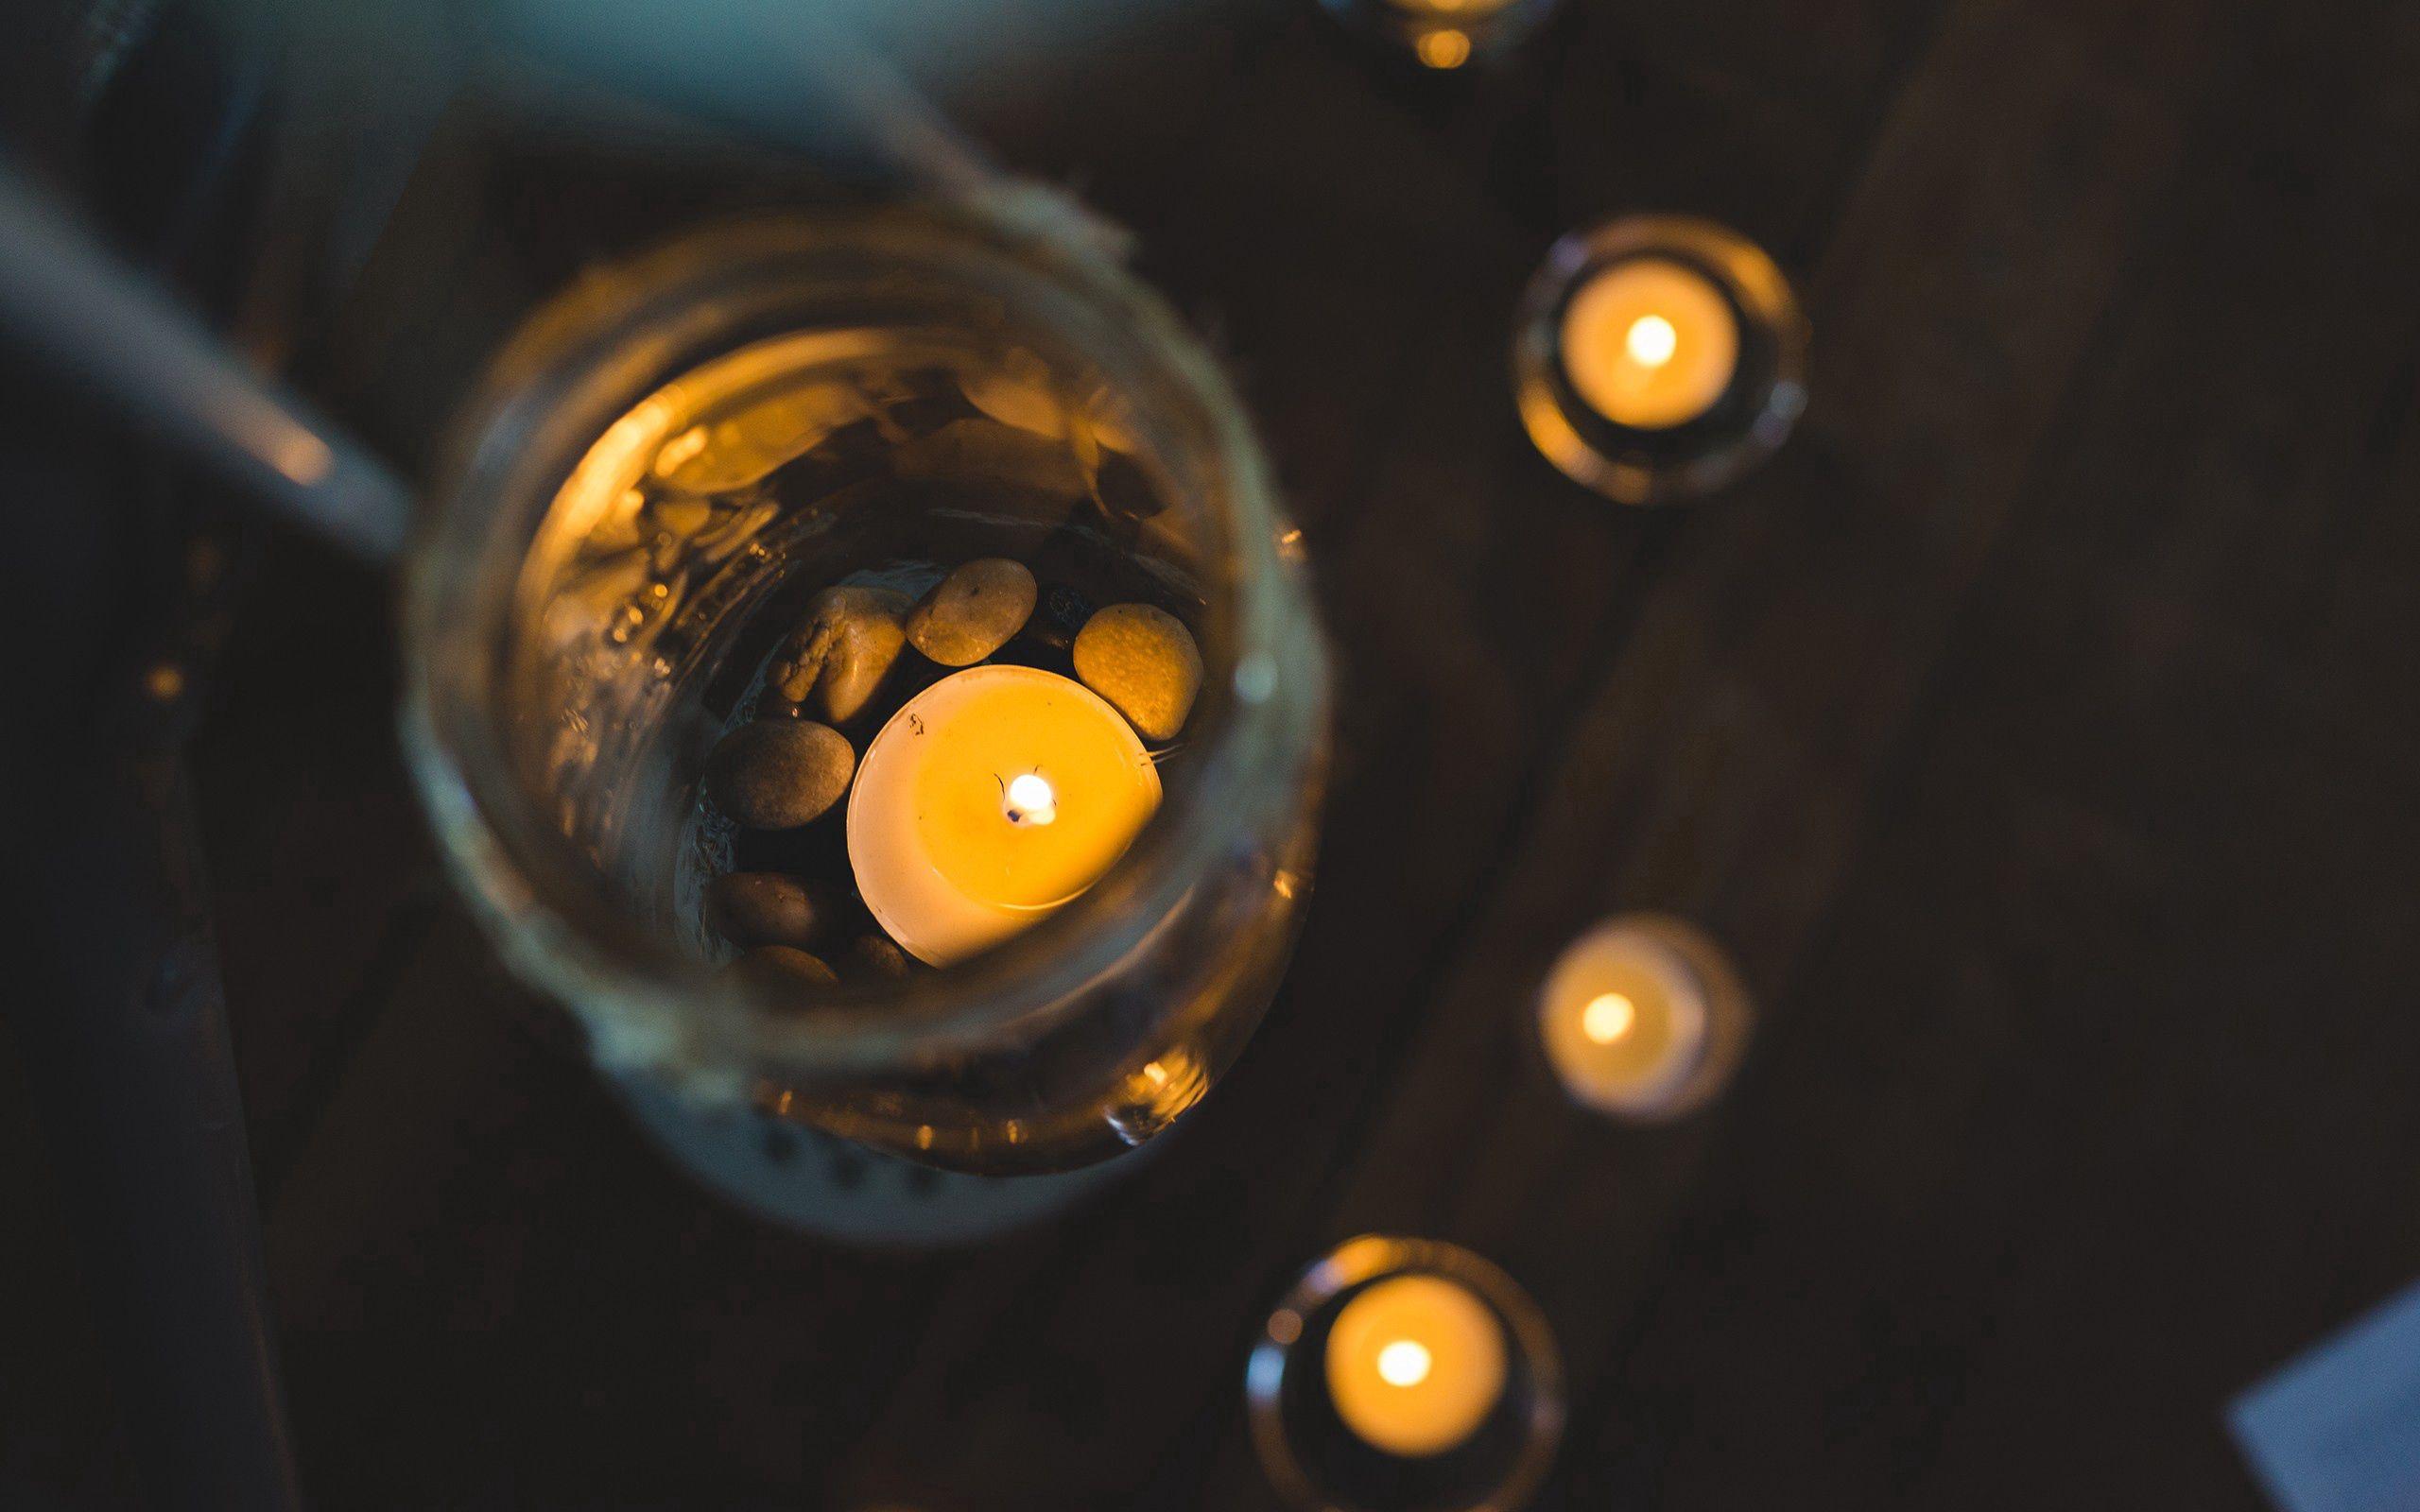 135877 Hintergrundbild herunterladen Kerzen, Bank, Scheinen, Licht, Verschiedenes, Sonstige, Glas, Jar - Bildschirmschoner und Bilder kostenlos